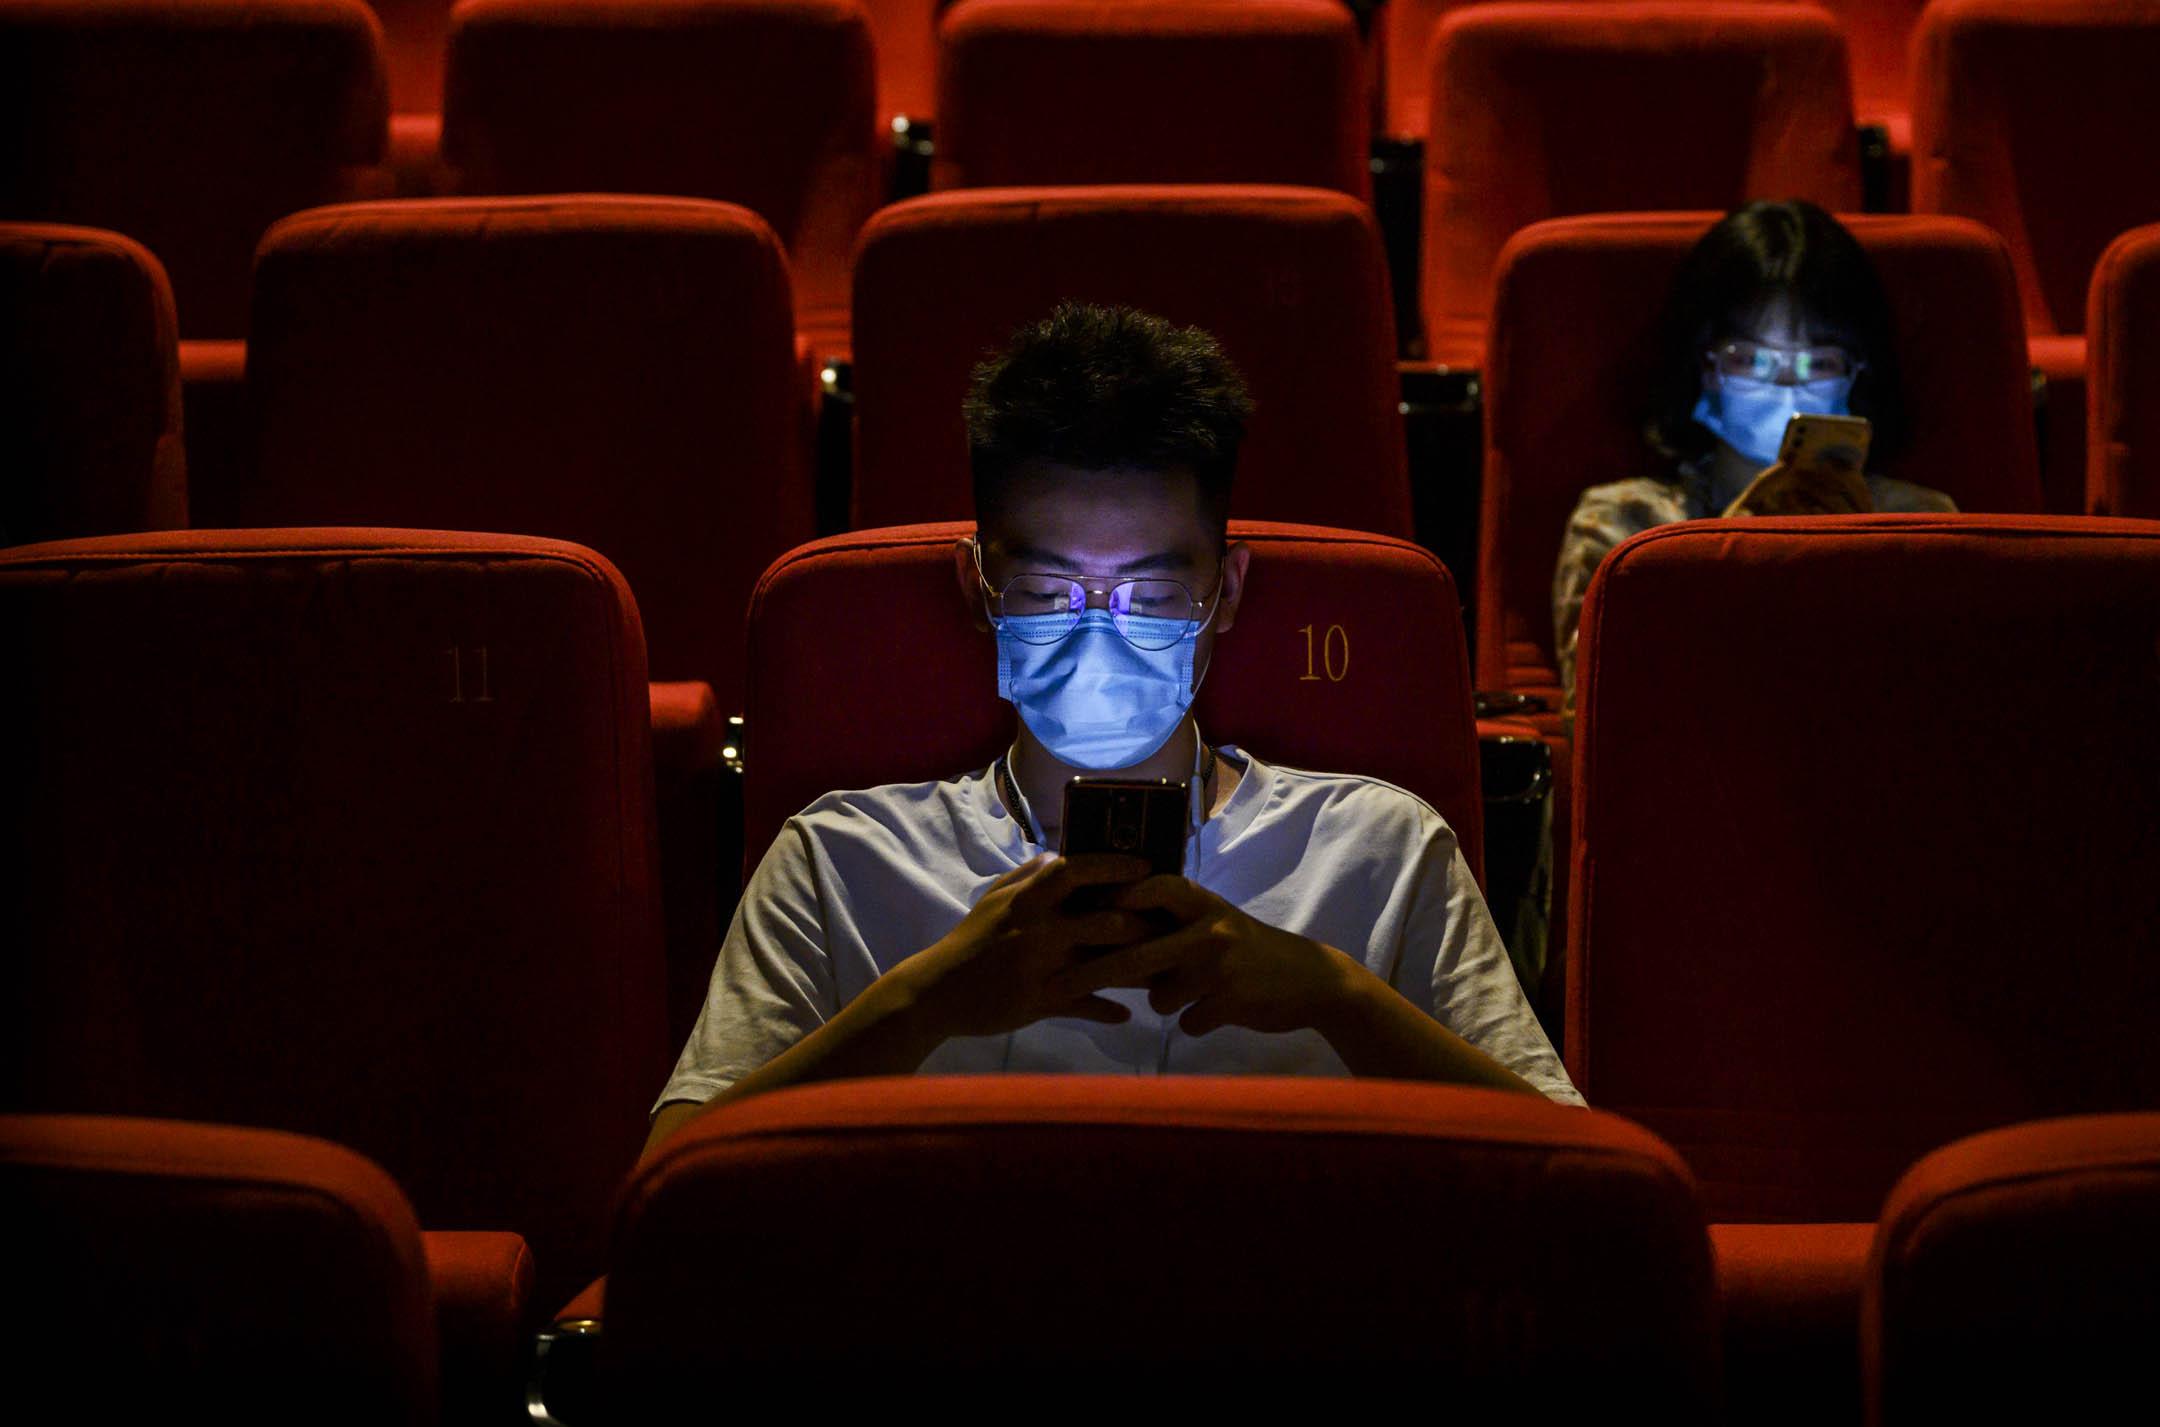 2020年7月24日,北京,戴著口罩人們在電影放映前觀看智能手機。